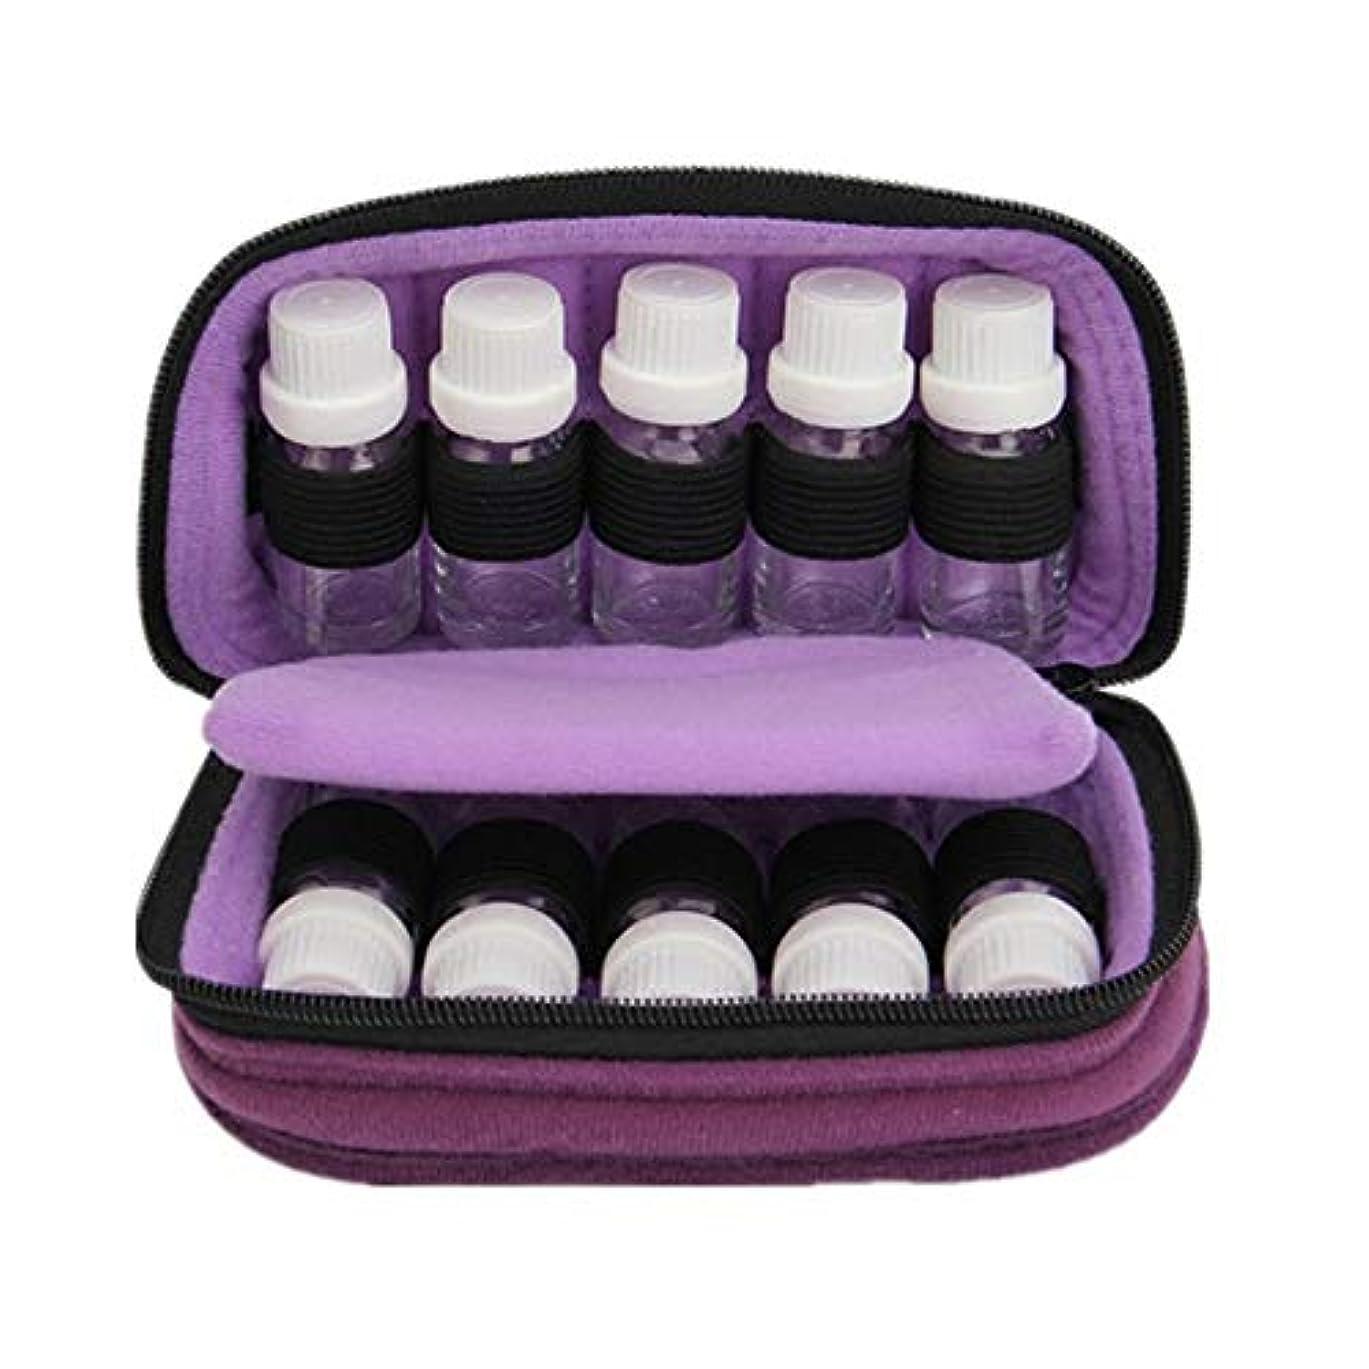 適合ケージとらえどころのないエッセンシャルオイルの保管 ケース収納キャリング10ボトルエッセンシャルオイルは、走行用の10&15のM1トラベルオーガナイザーポーチバッグパーフェクトにフィット (色 : 紫の, サイズ : 18X10X7.5CM)